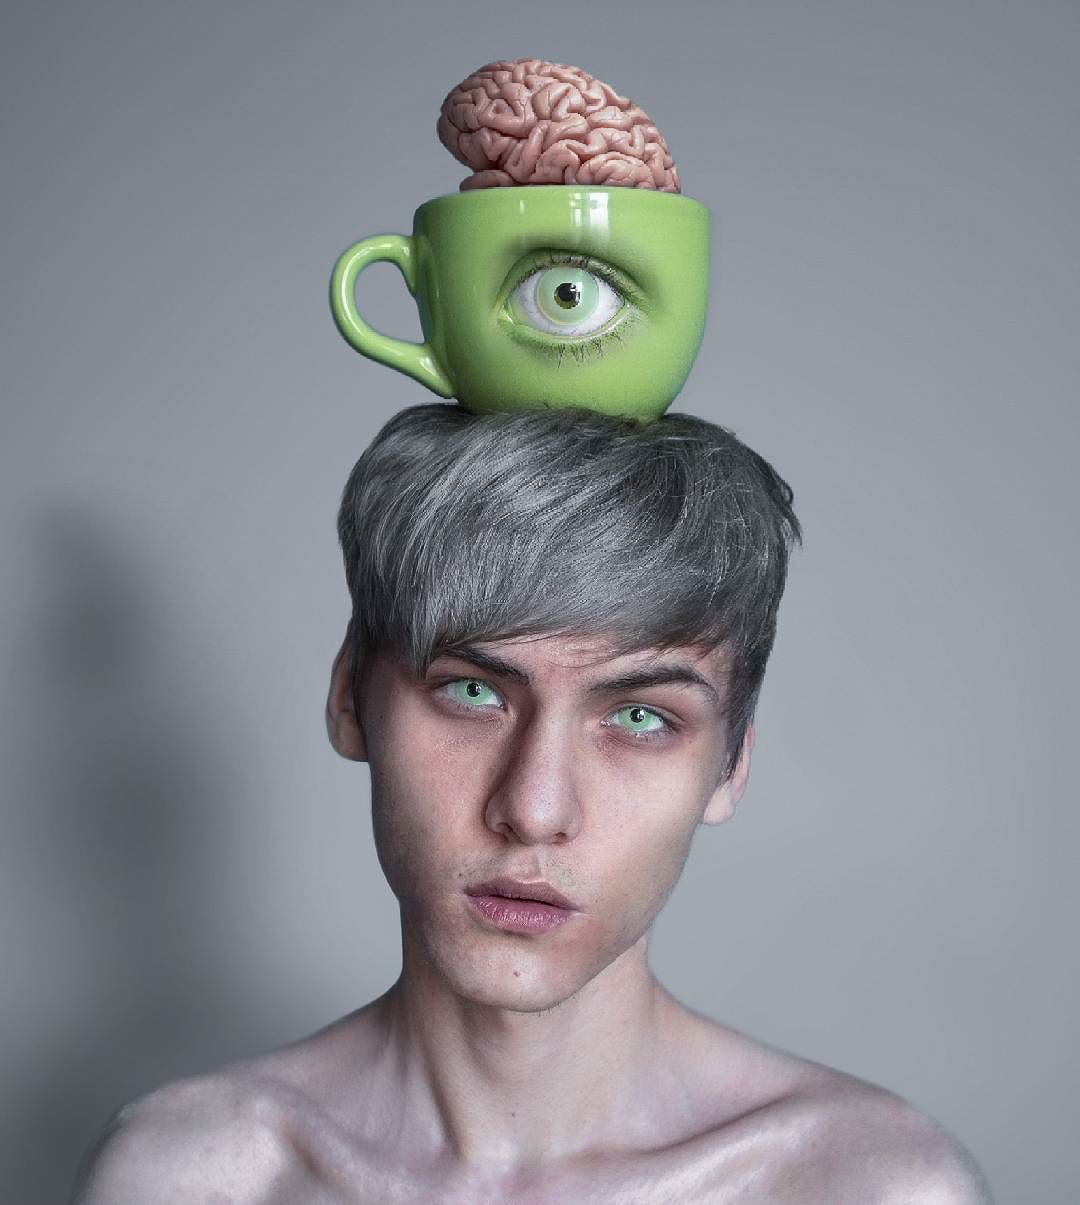 Темный сюрреализм 18-летнего российского художника